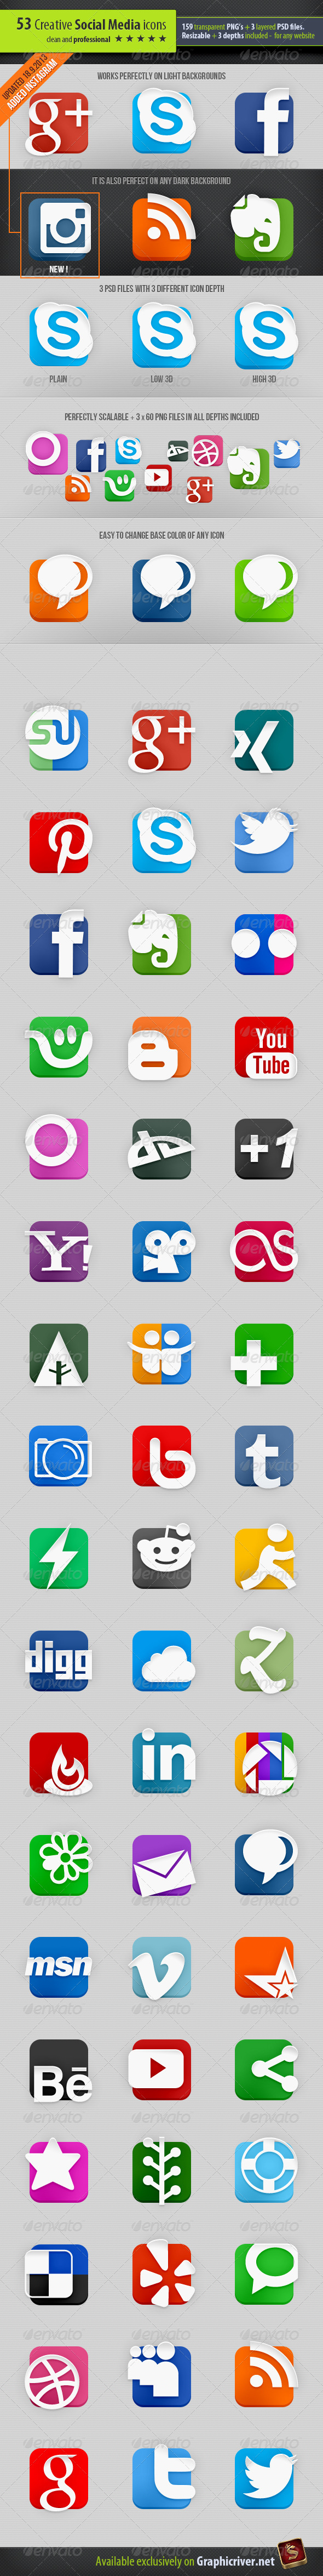 53 Creative Social Media Icons - Media Icons